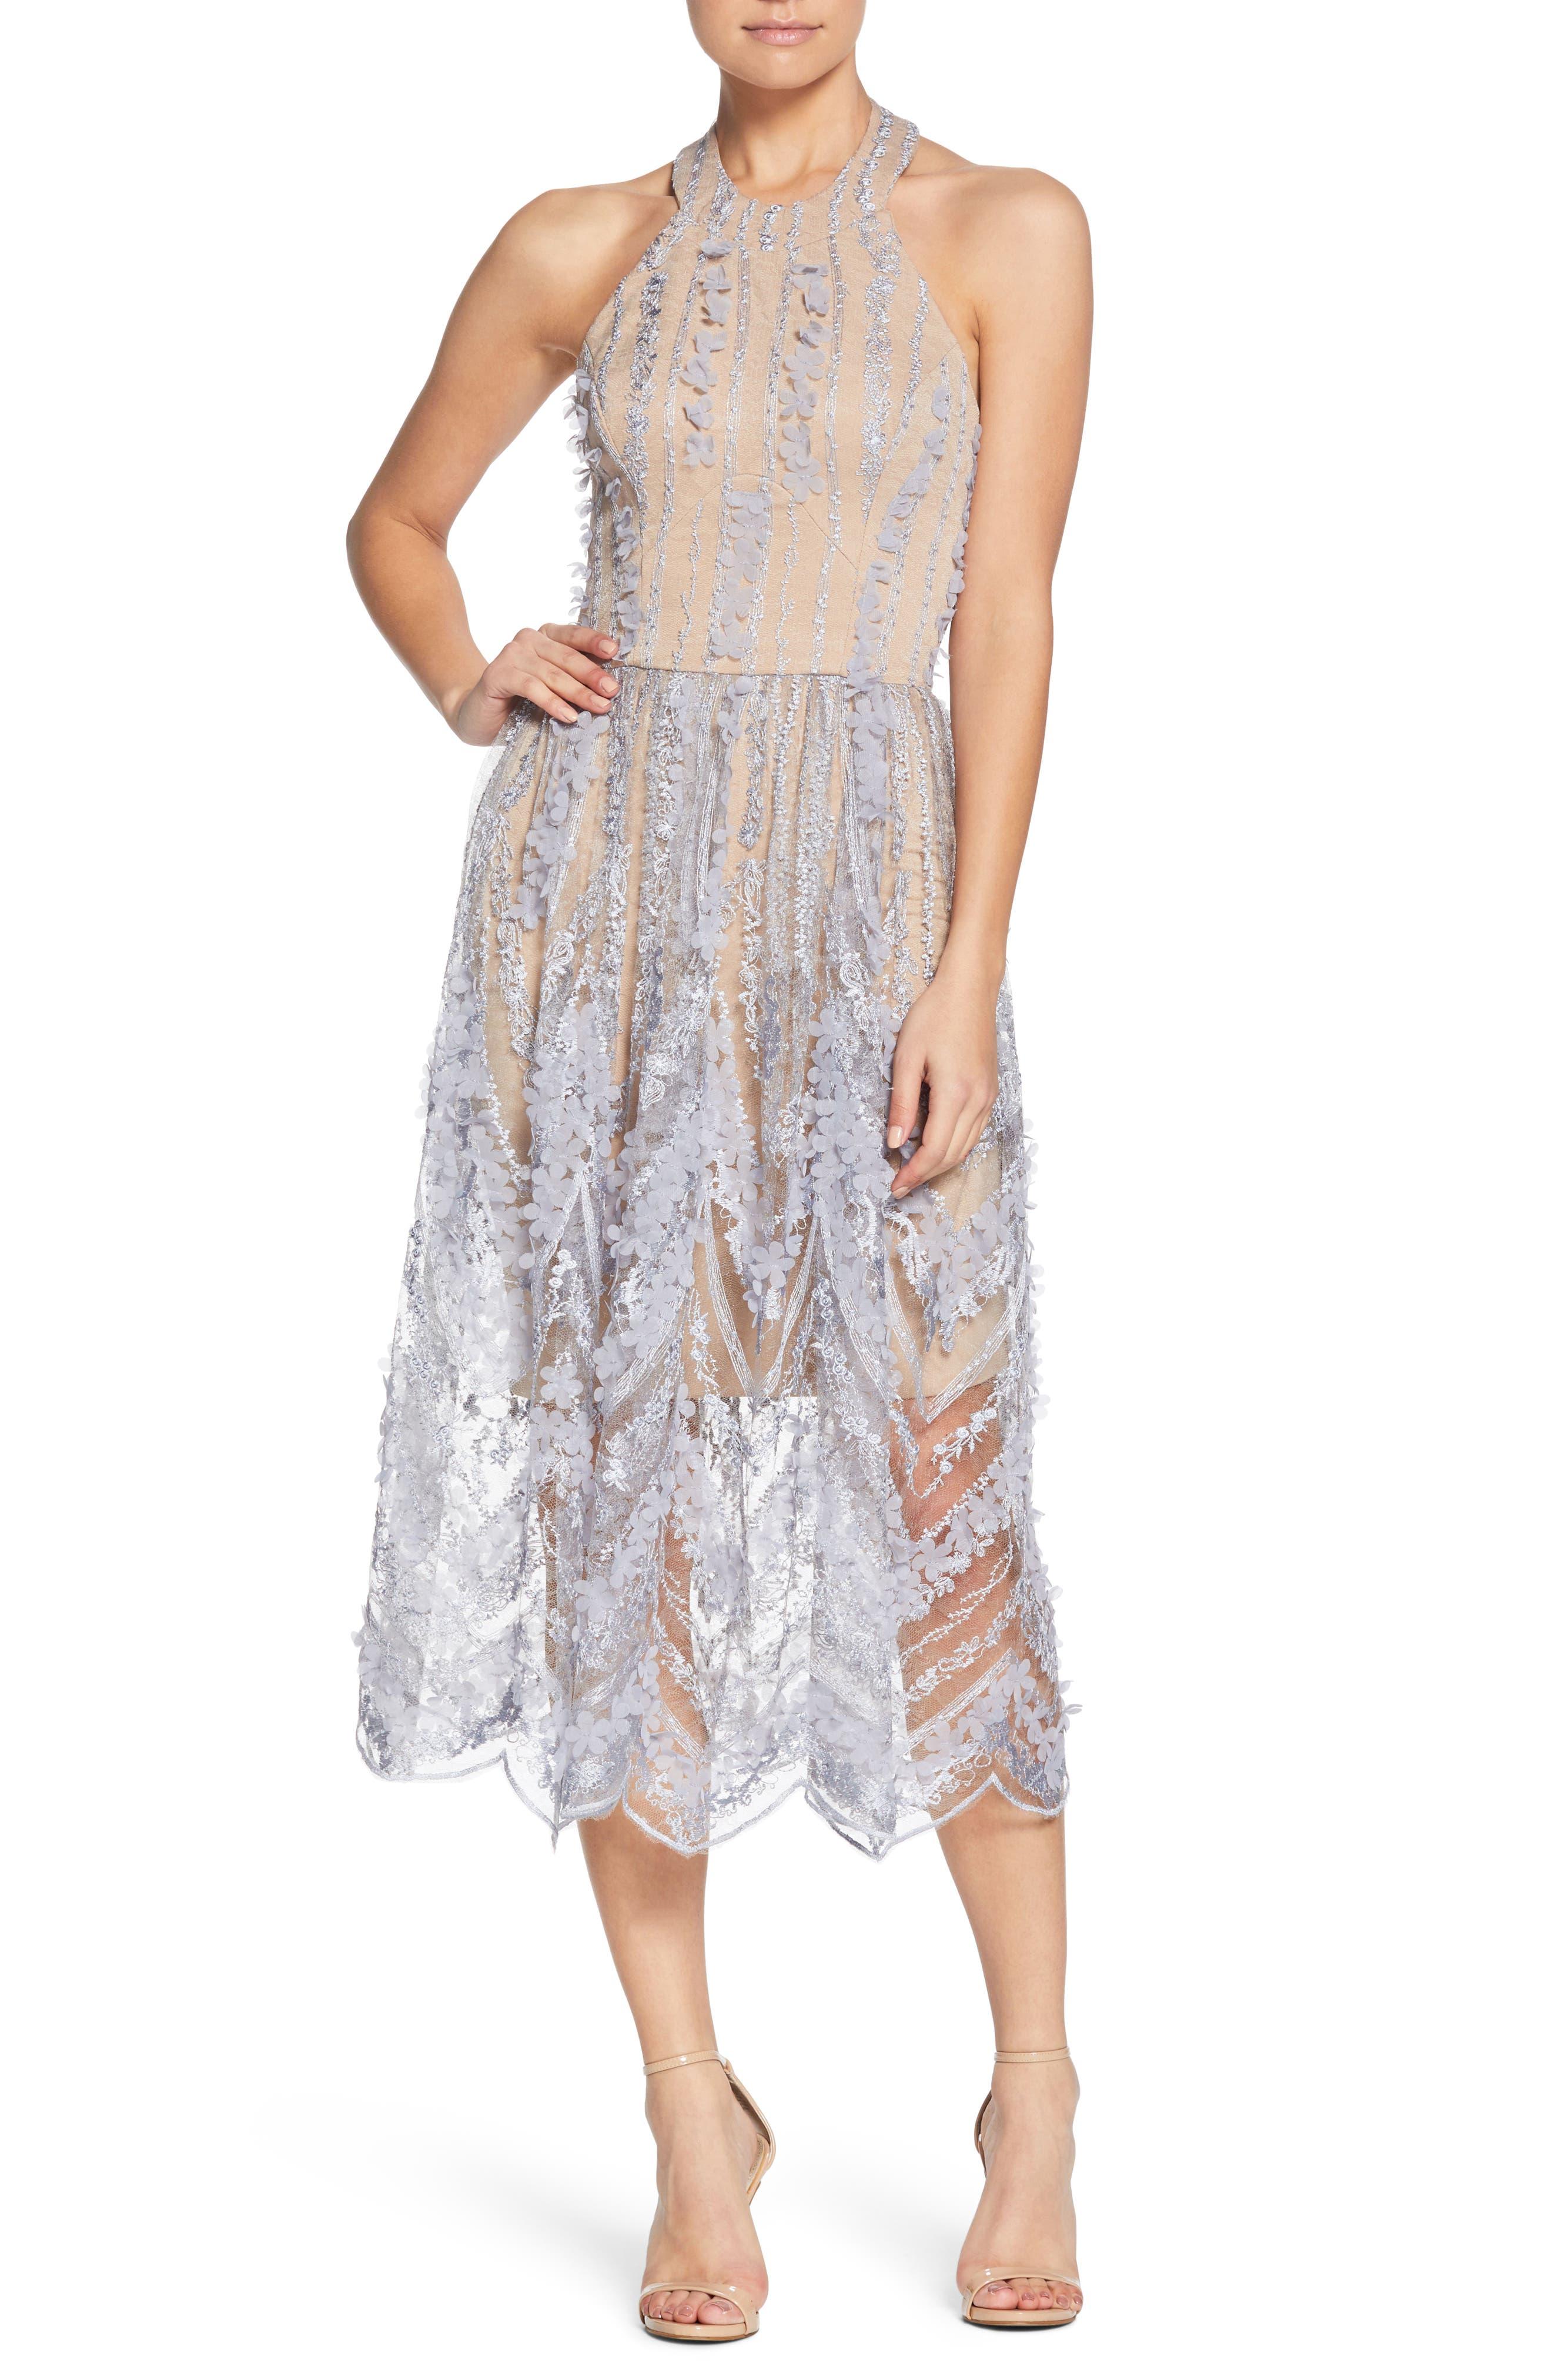 Valerie Halter Dress, Mineral Blue/ Nude